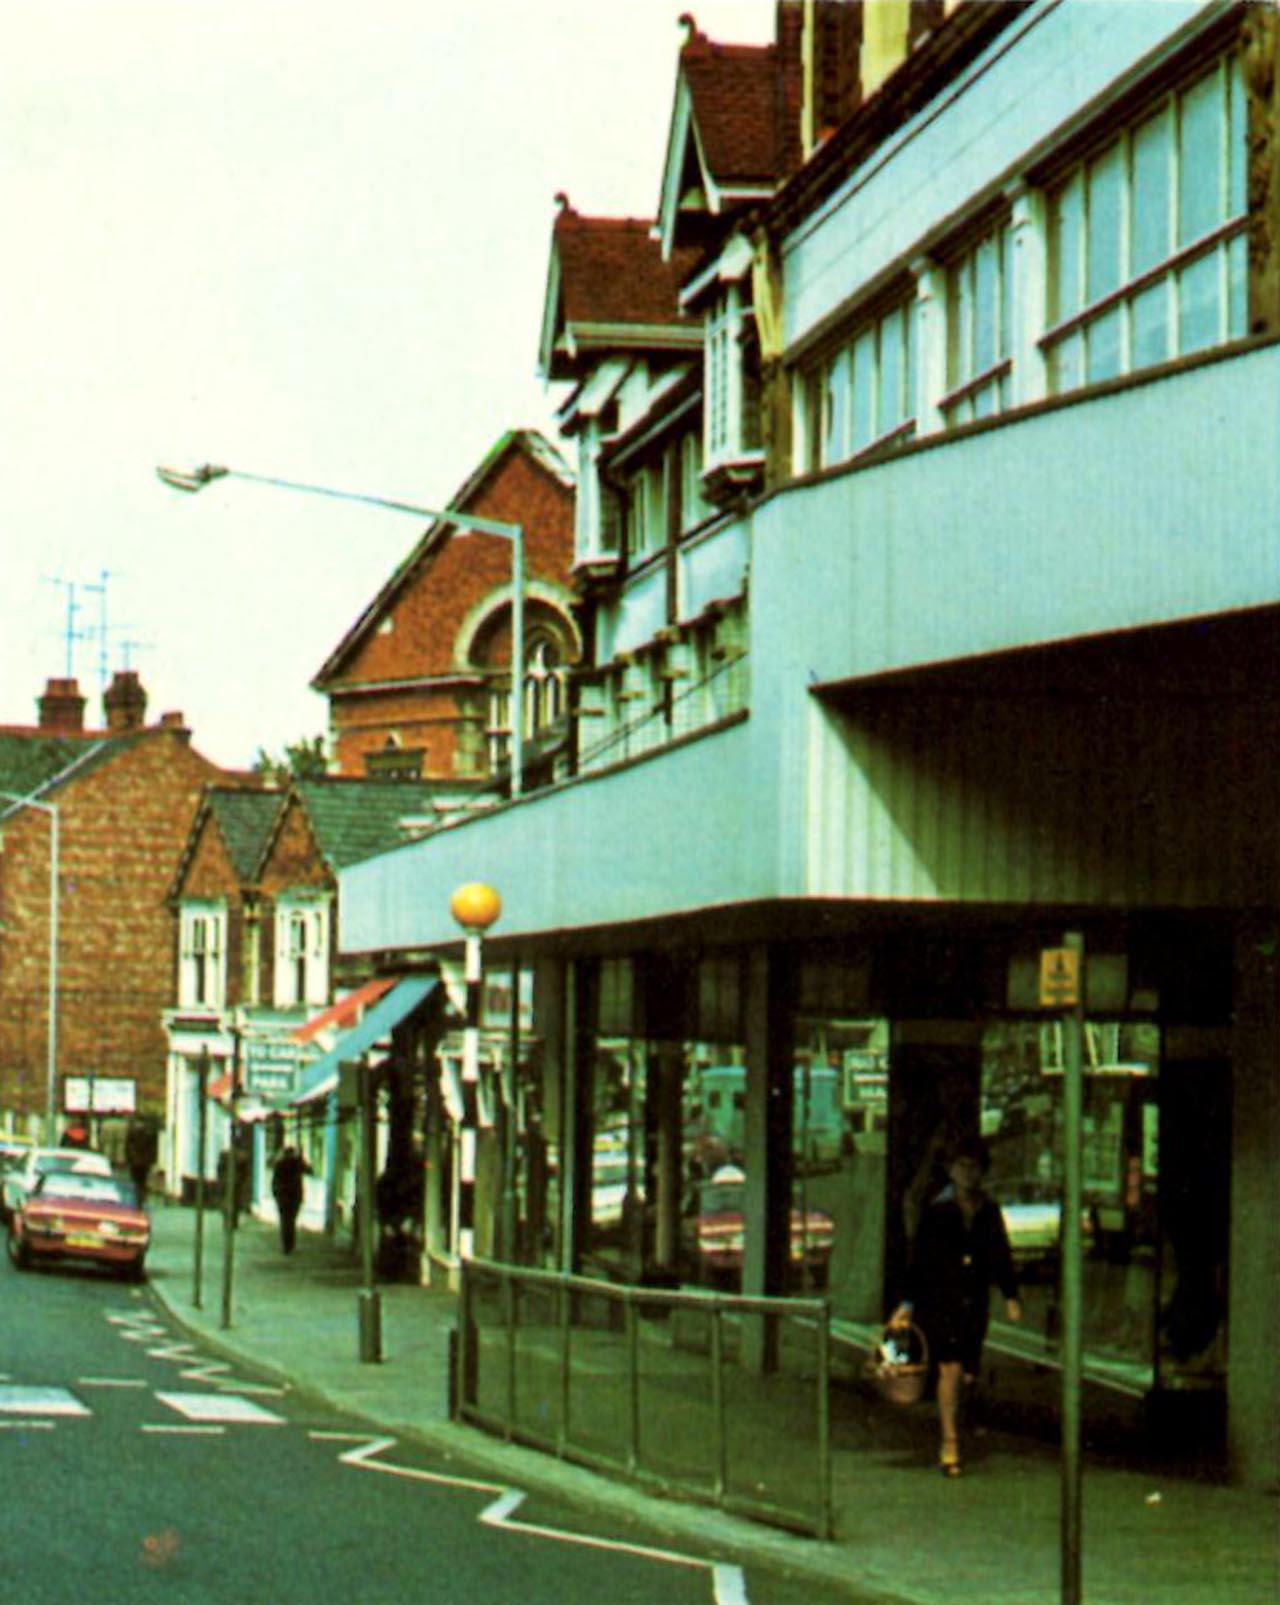 The Co-op in Rushden